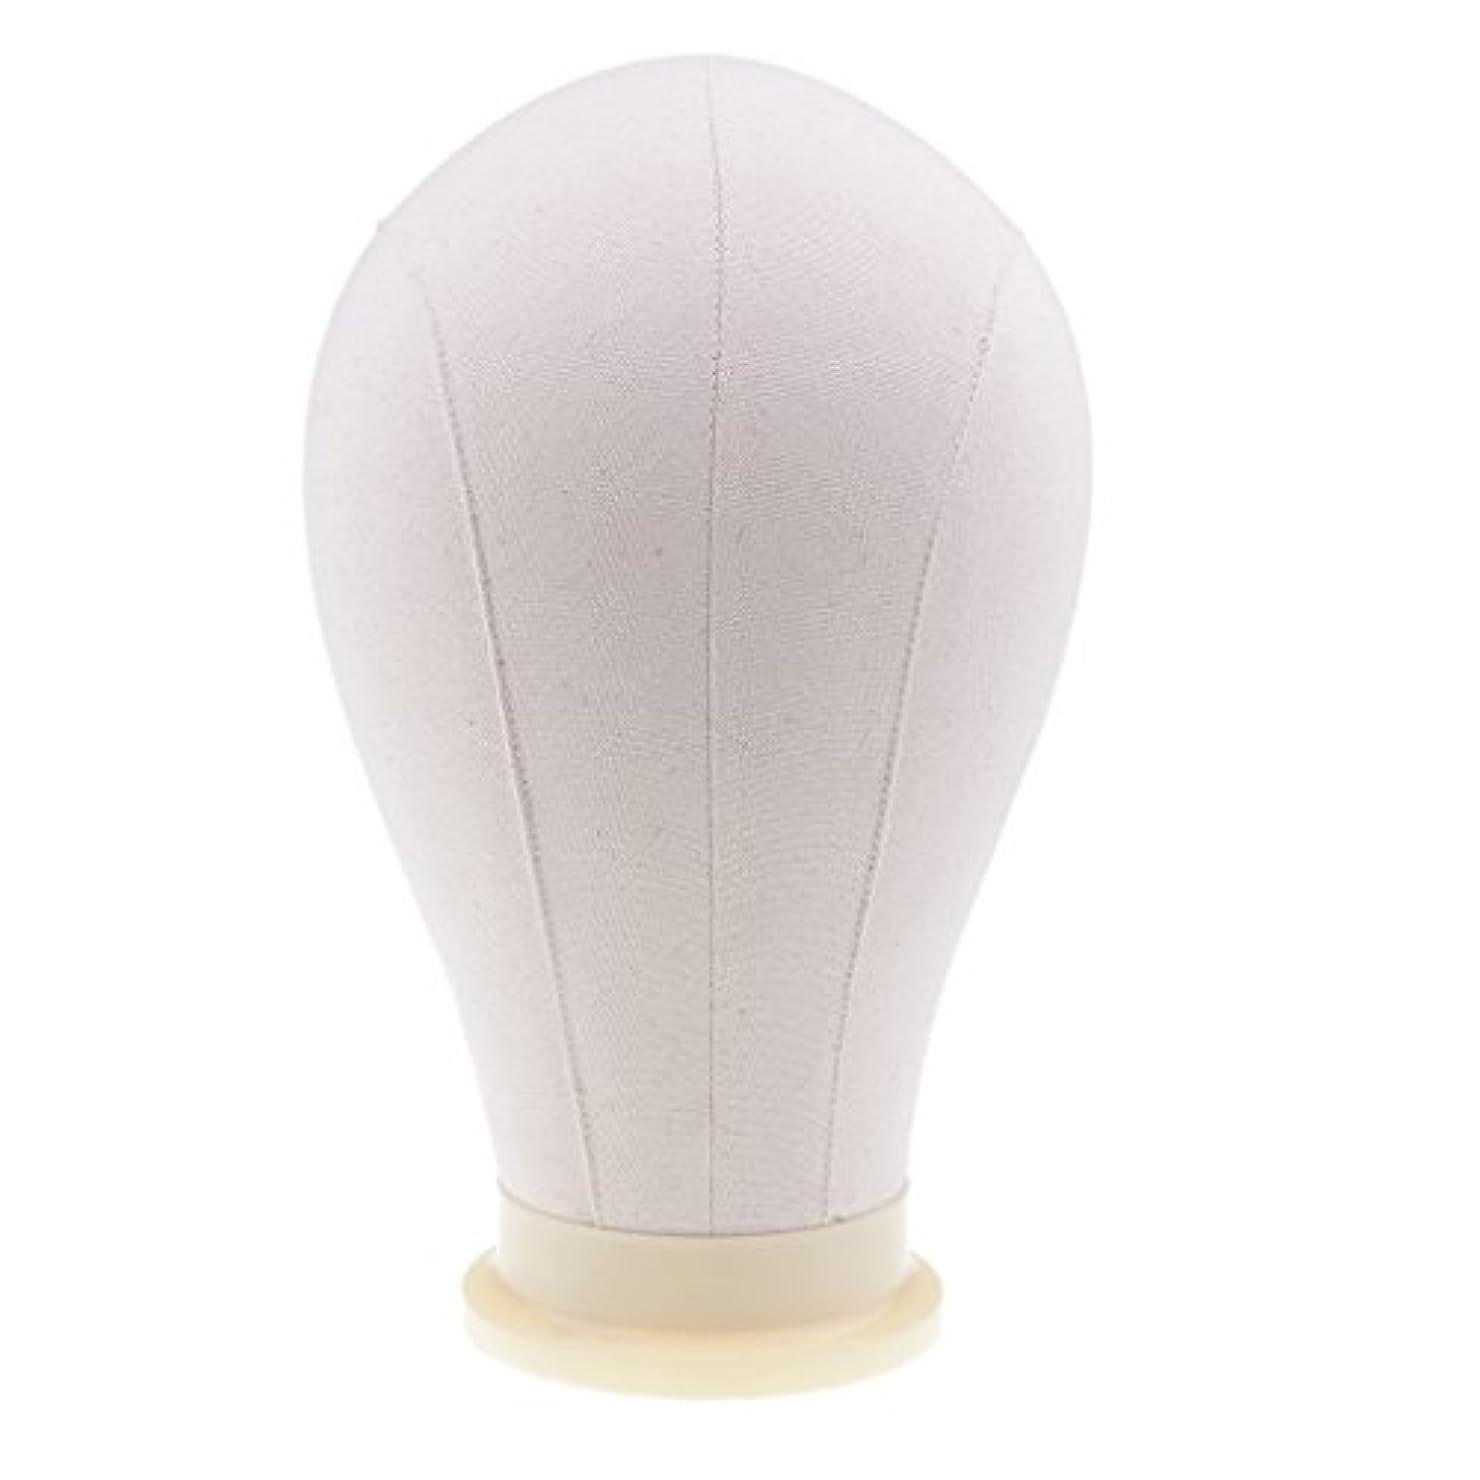 発行する不健全メーカーマネキンヘッド ウィッグ キャンバス 頭部モデル かつら 帽子 メガネ ディスプレイ ホルダー 4サイズ - 24インチ